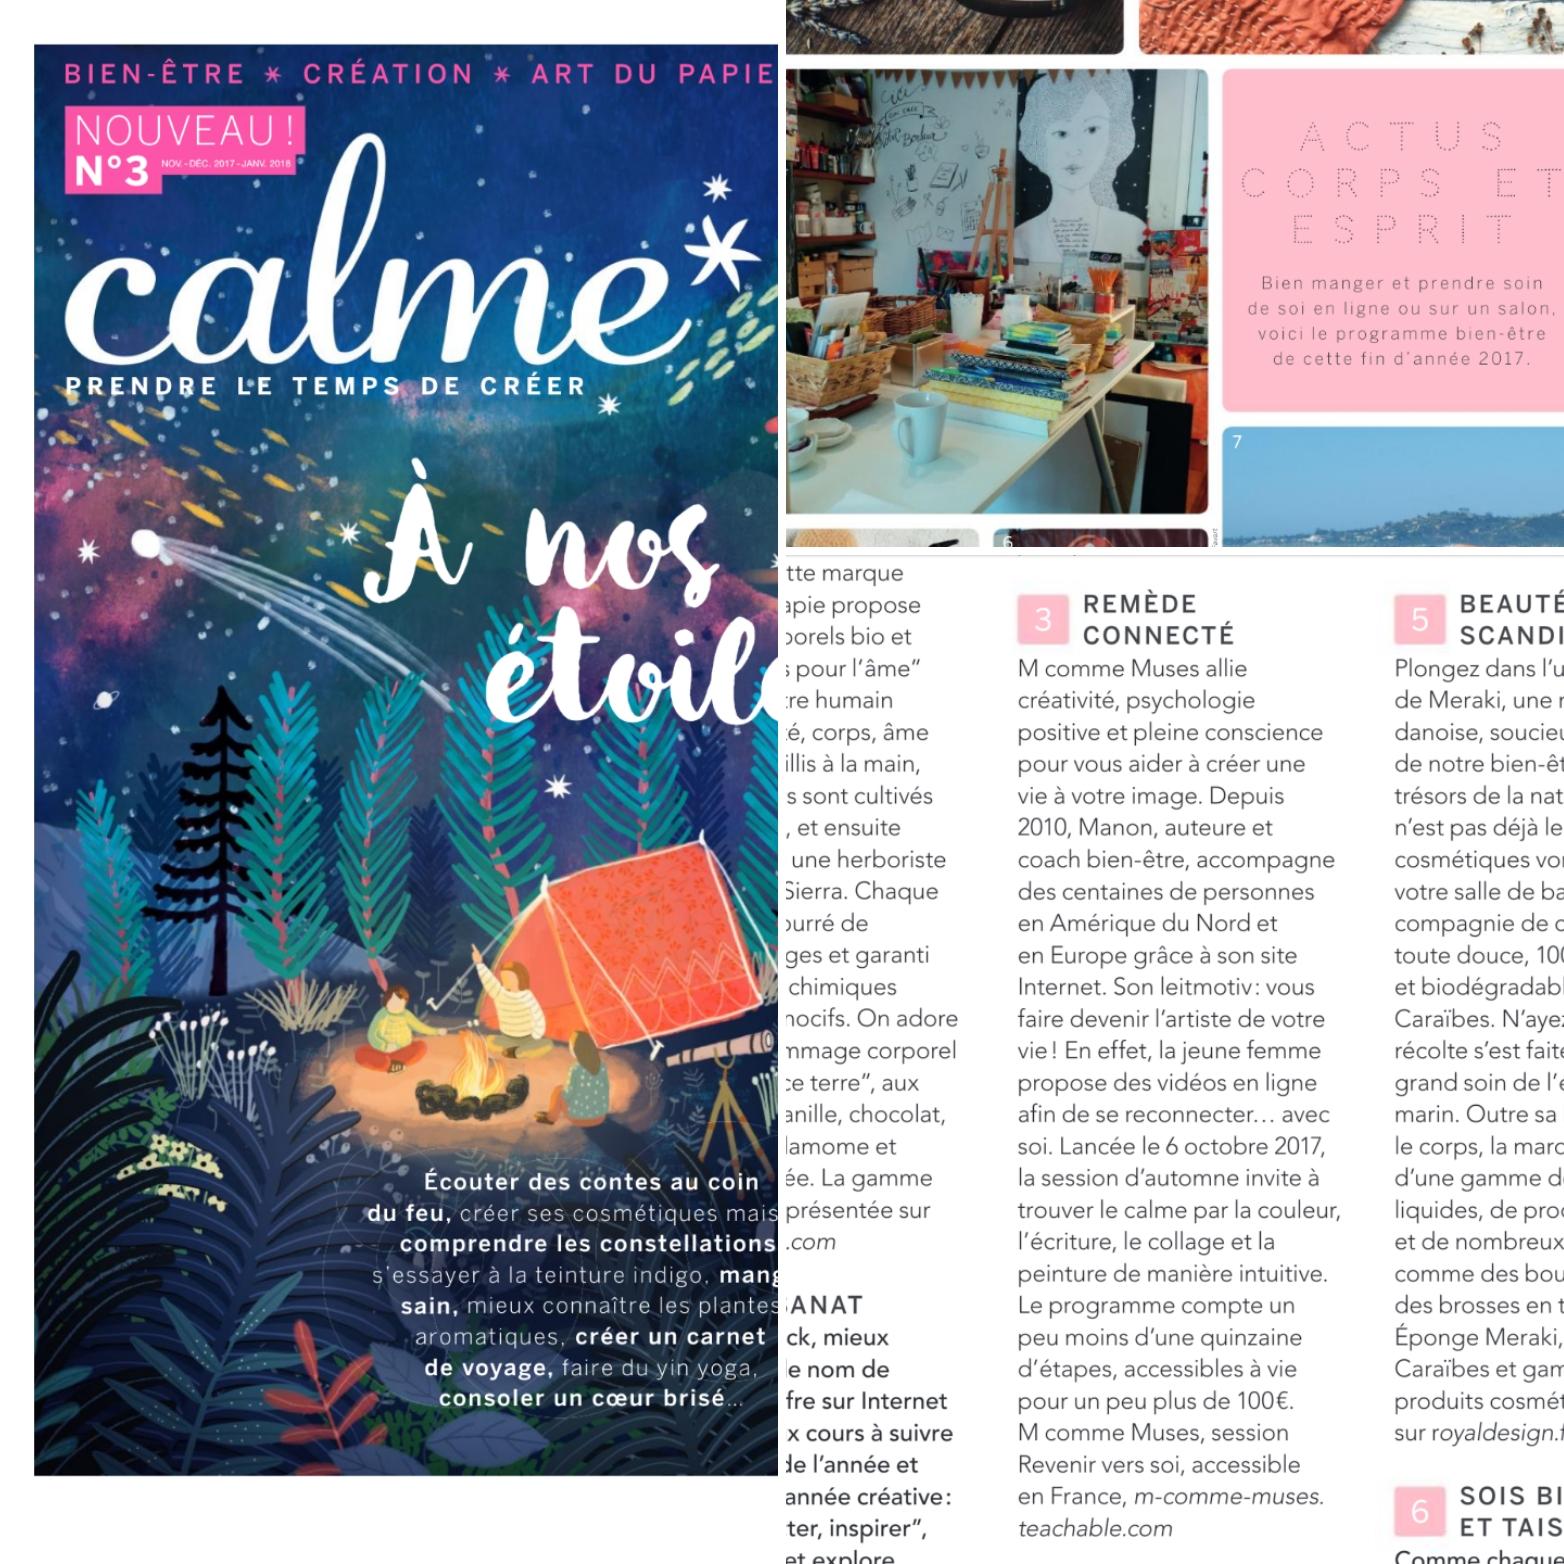 Magazine français Calme fait mention de l'atelier Revenir vers soi de M comme Muses